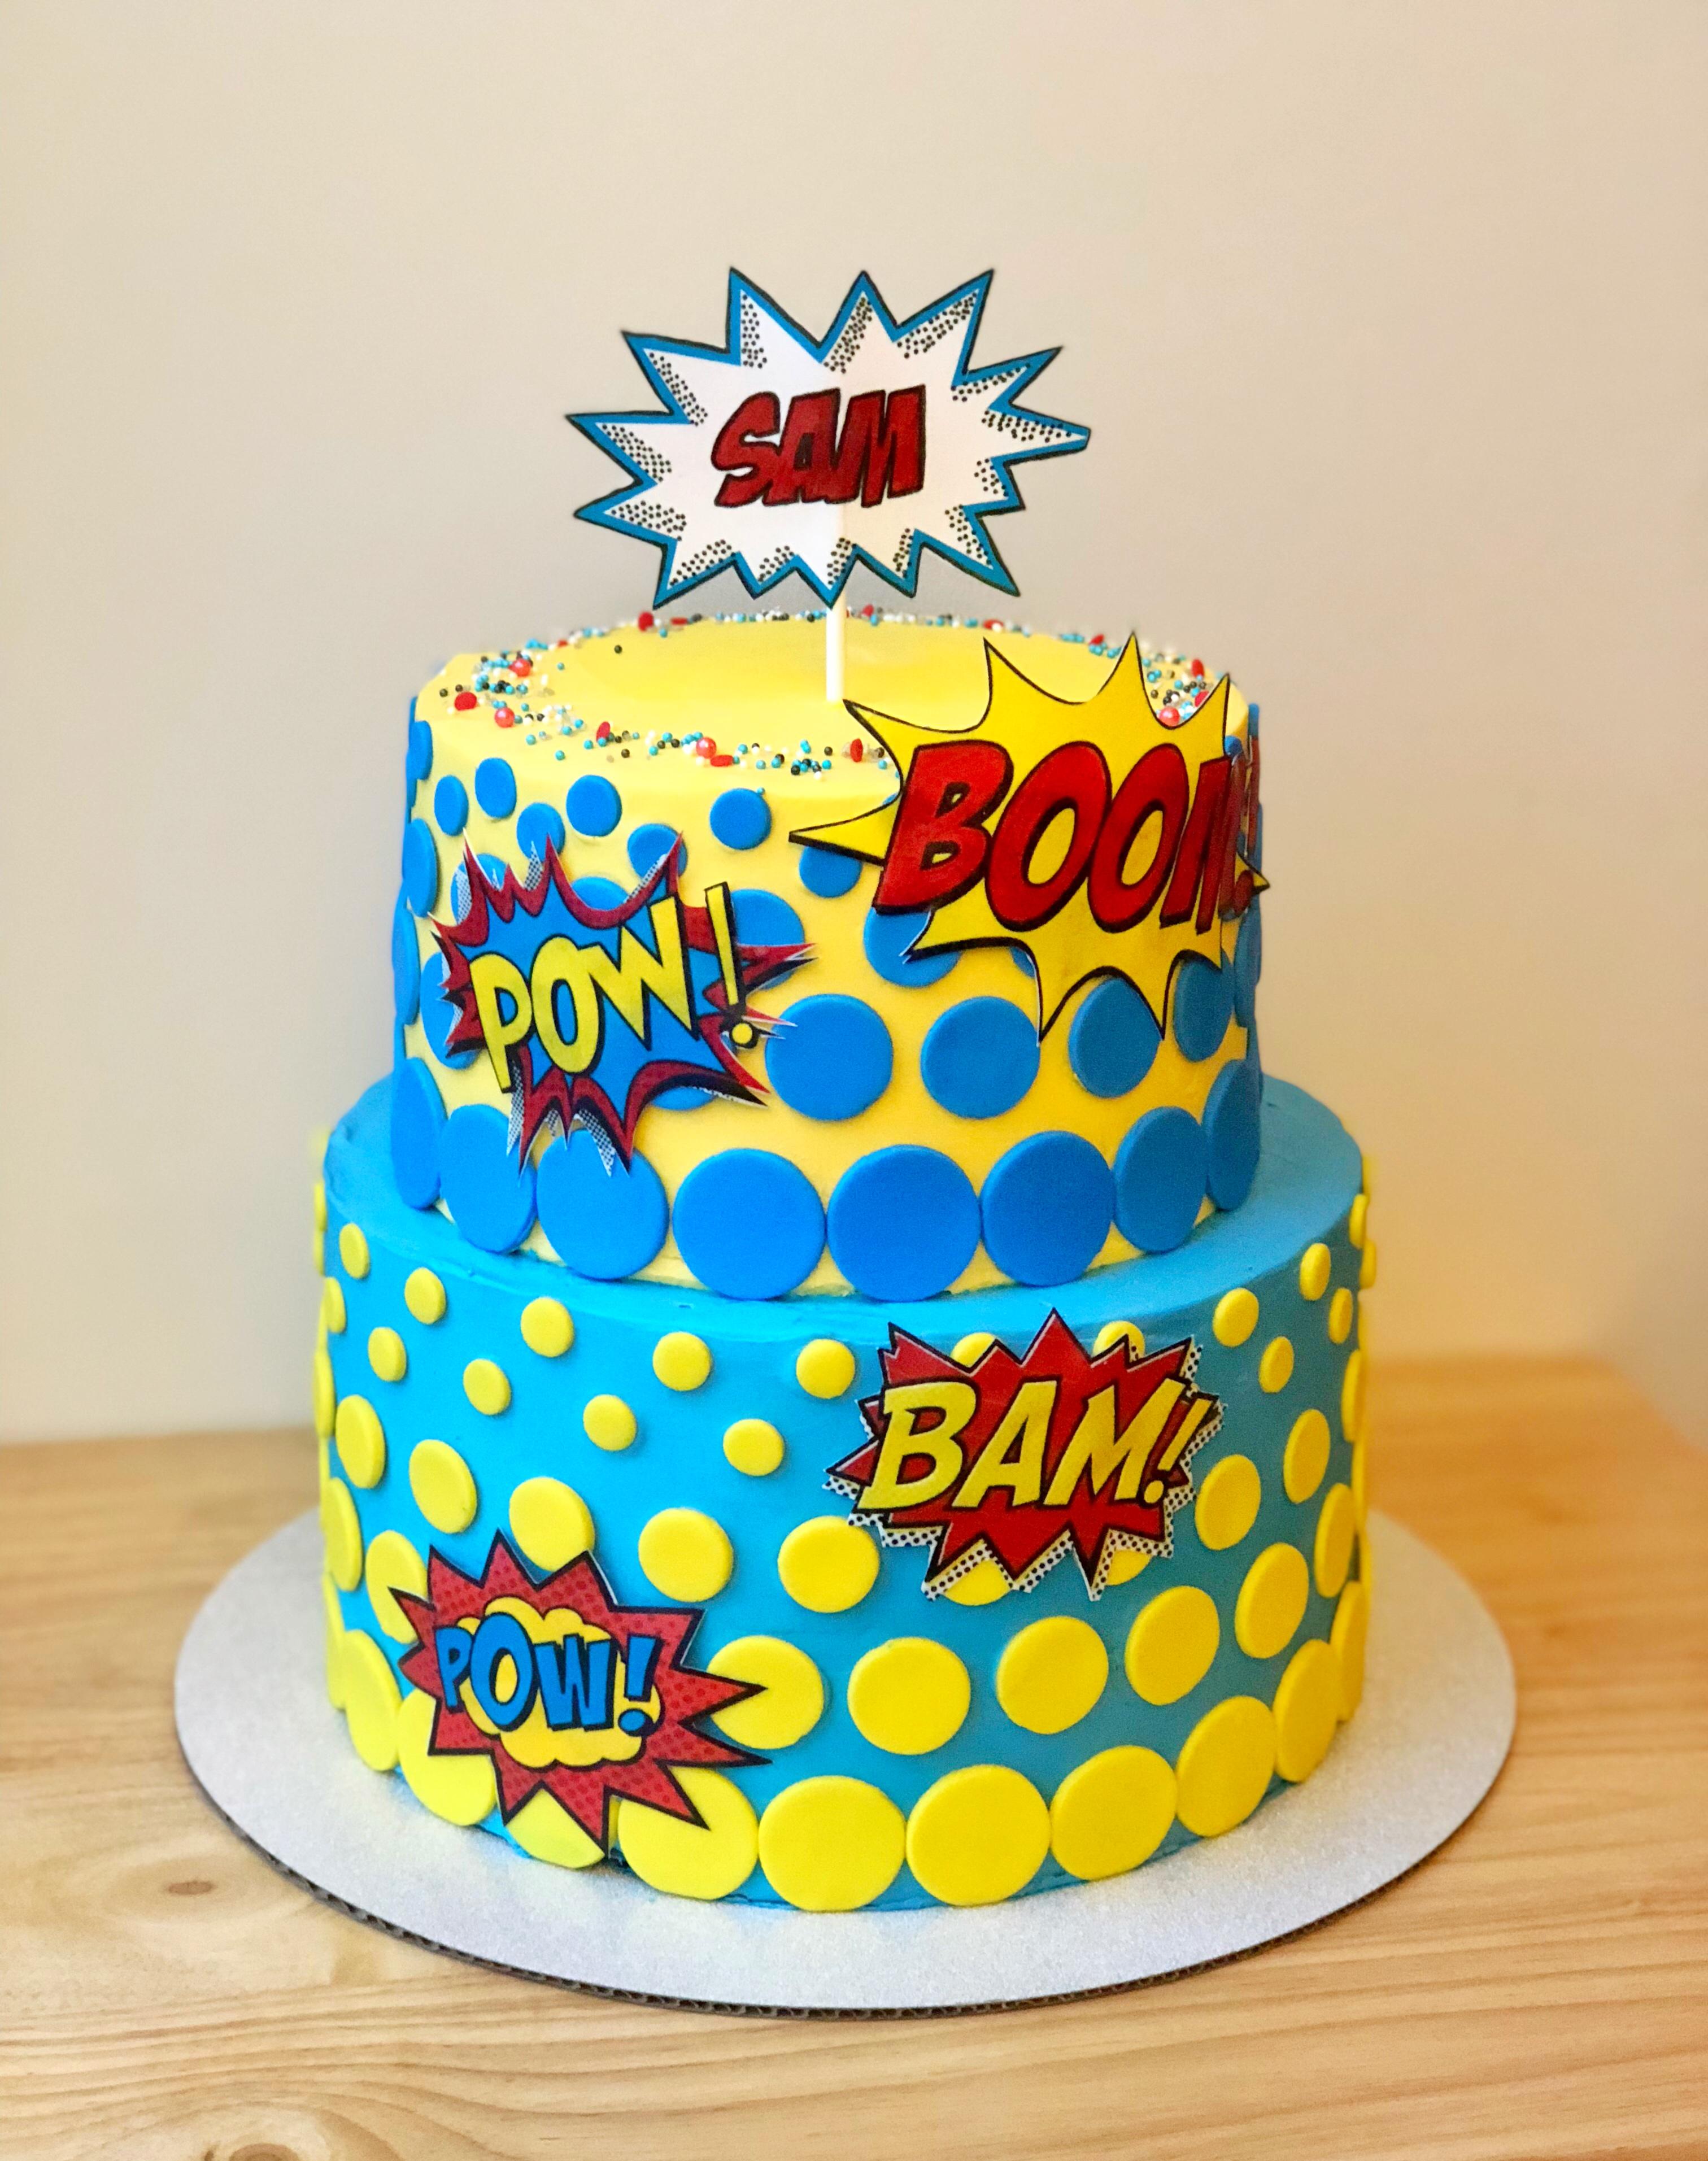 Comic book pop art cake